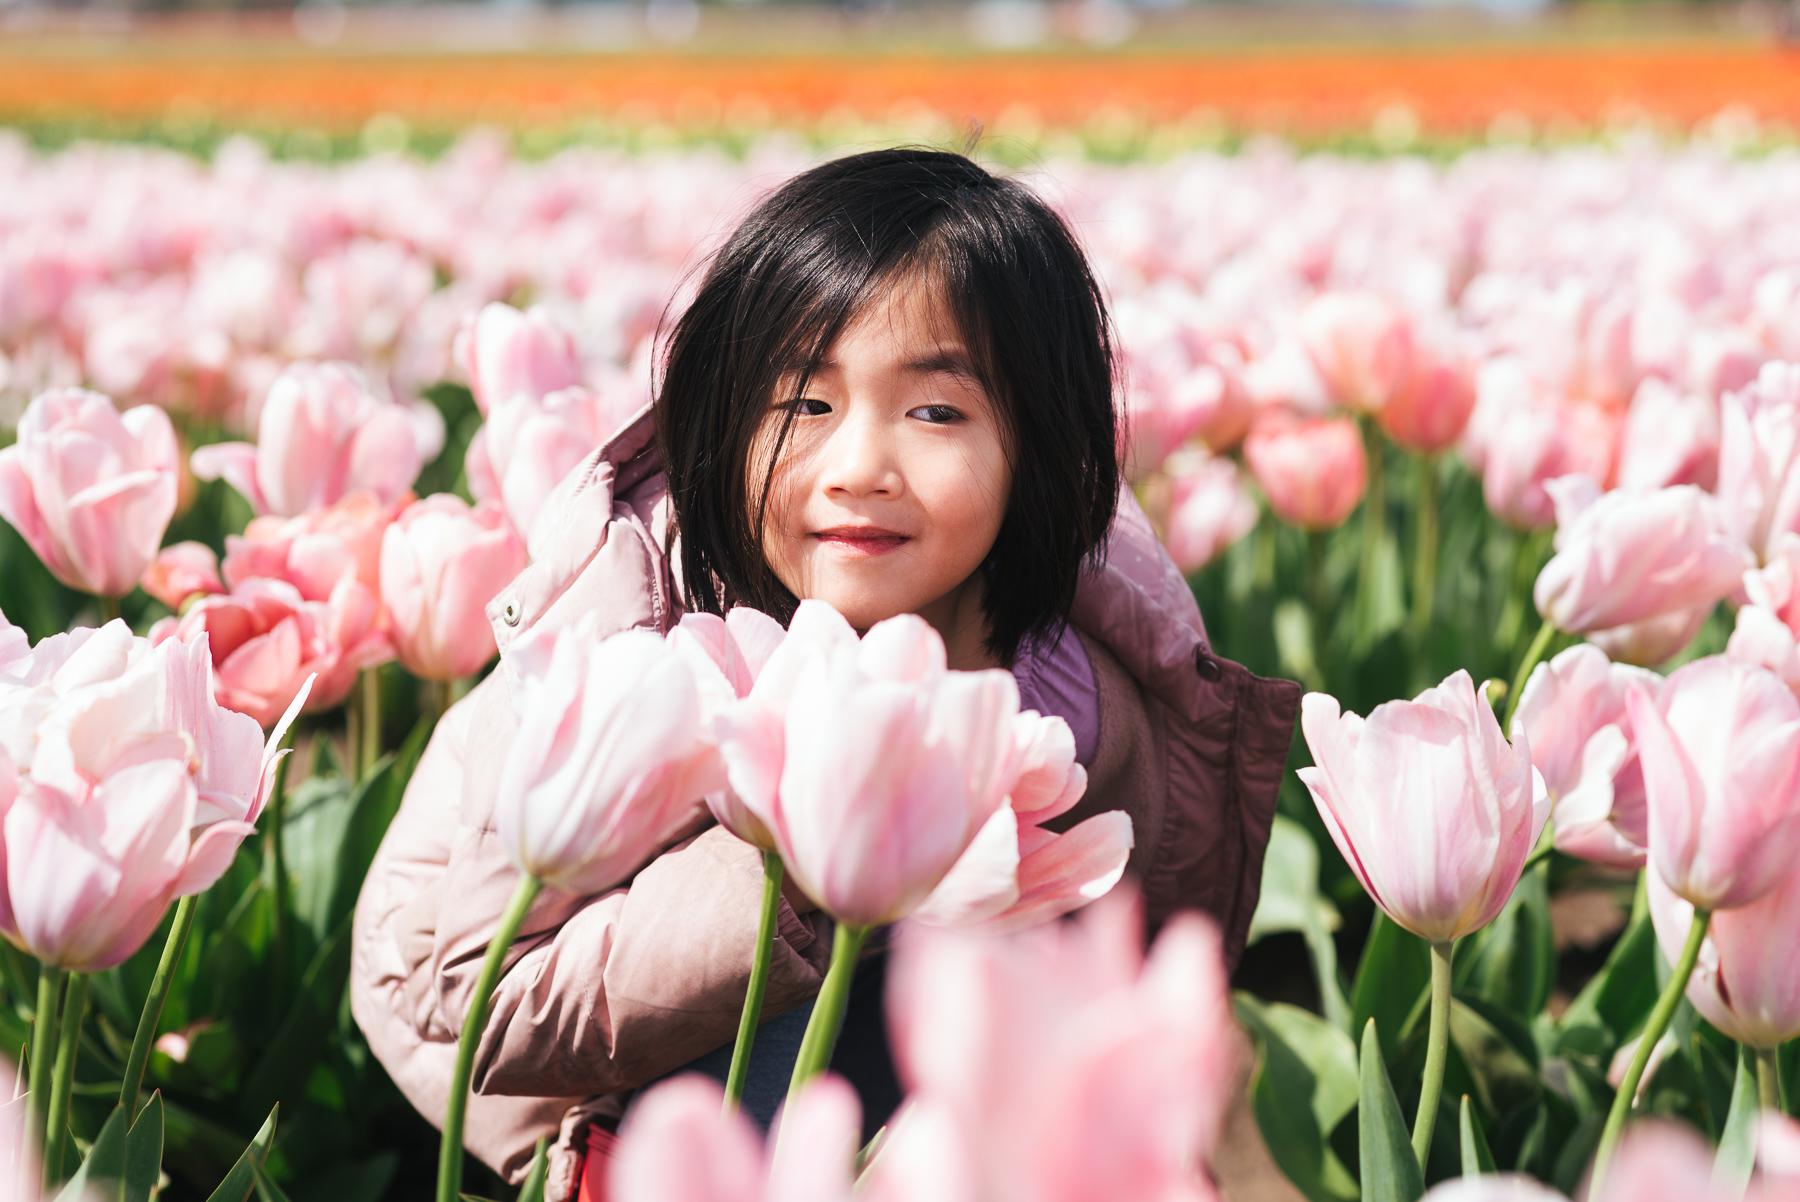 little girl among rows of pink tulips